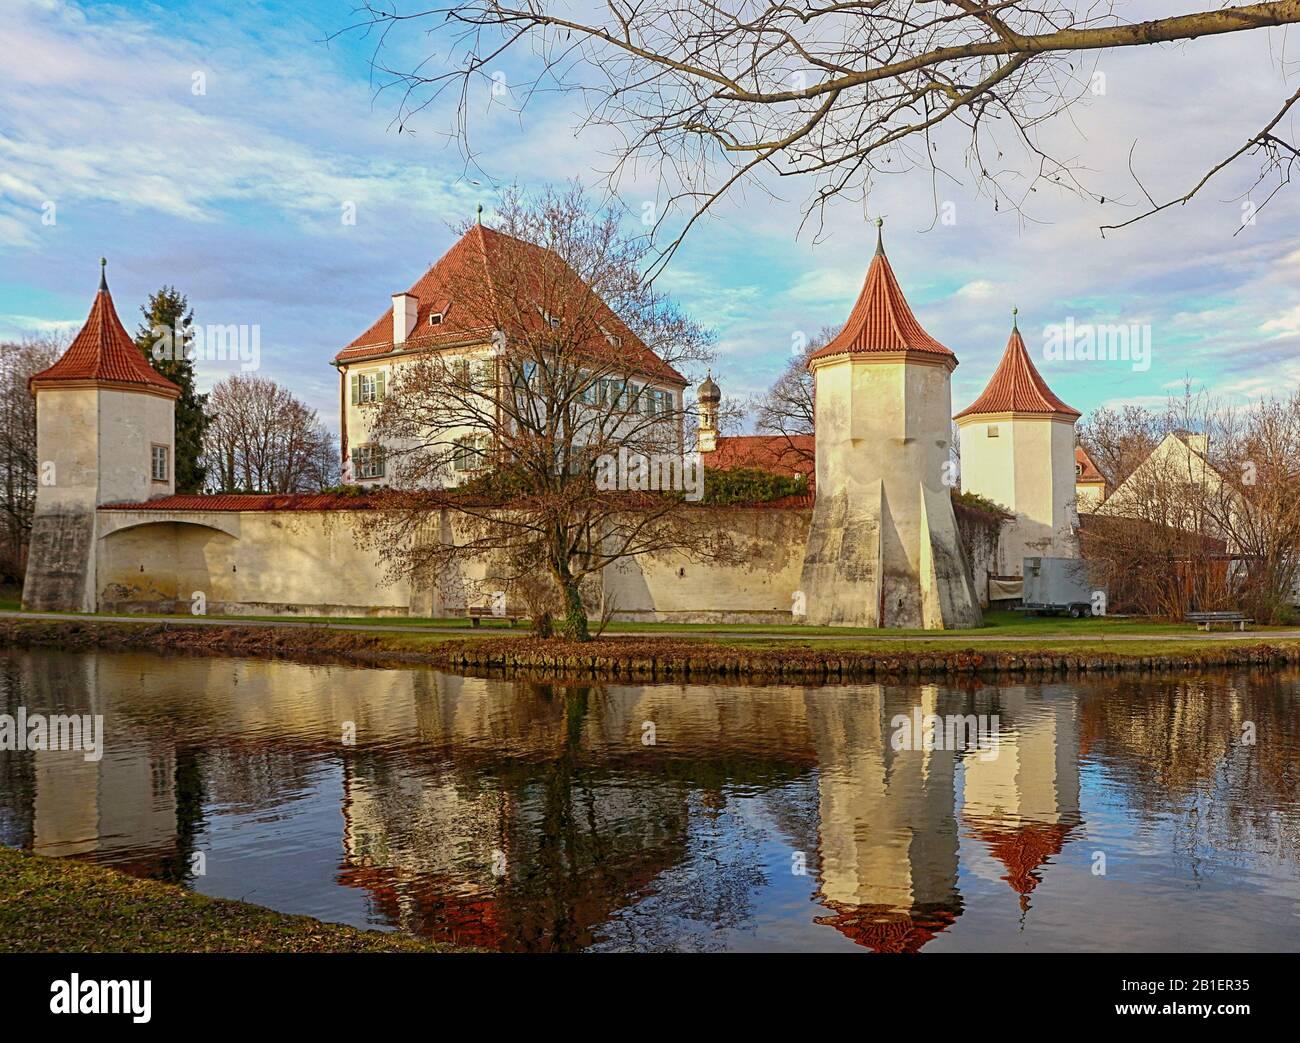 Munich, château de Blutenburg sur les rives de la rivière Wuerm, pavillon de chasse du duc de Bavière construit en l'an 1439 Banque D'Images